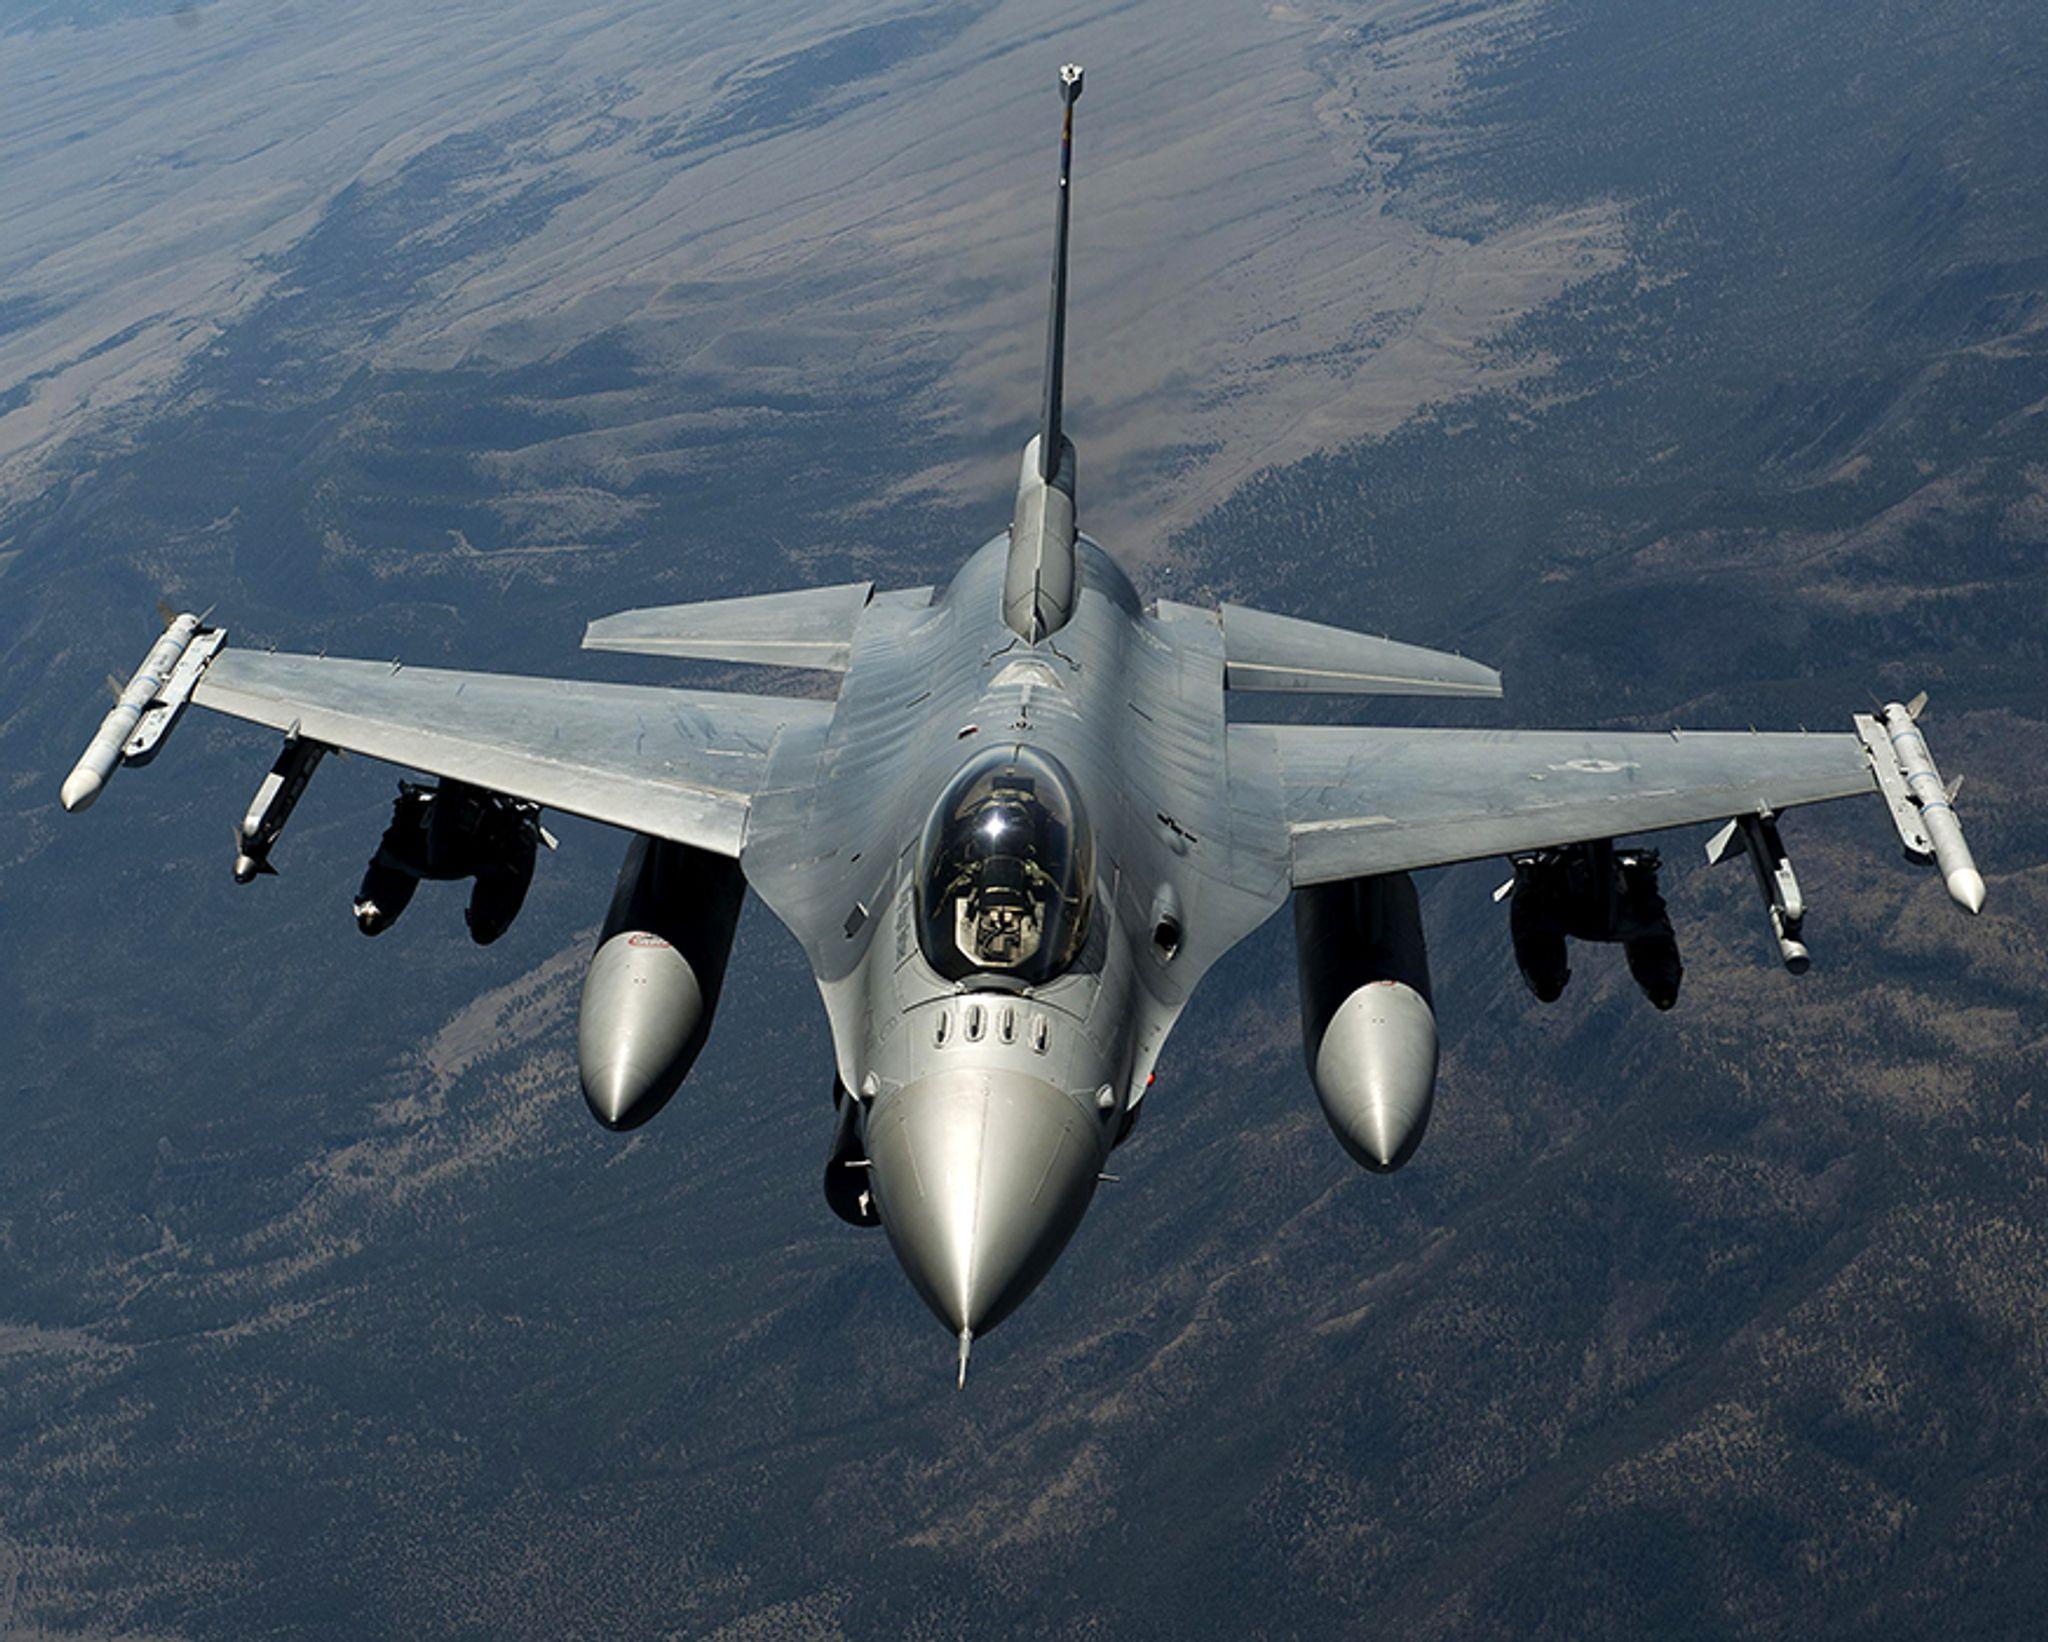 Croatia Needs Trump's help to get F-16s